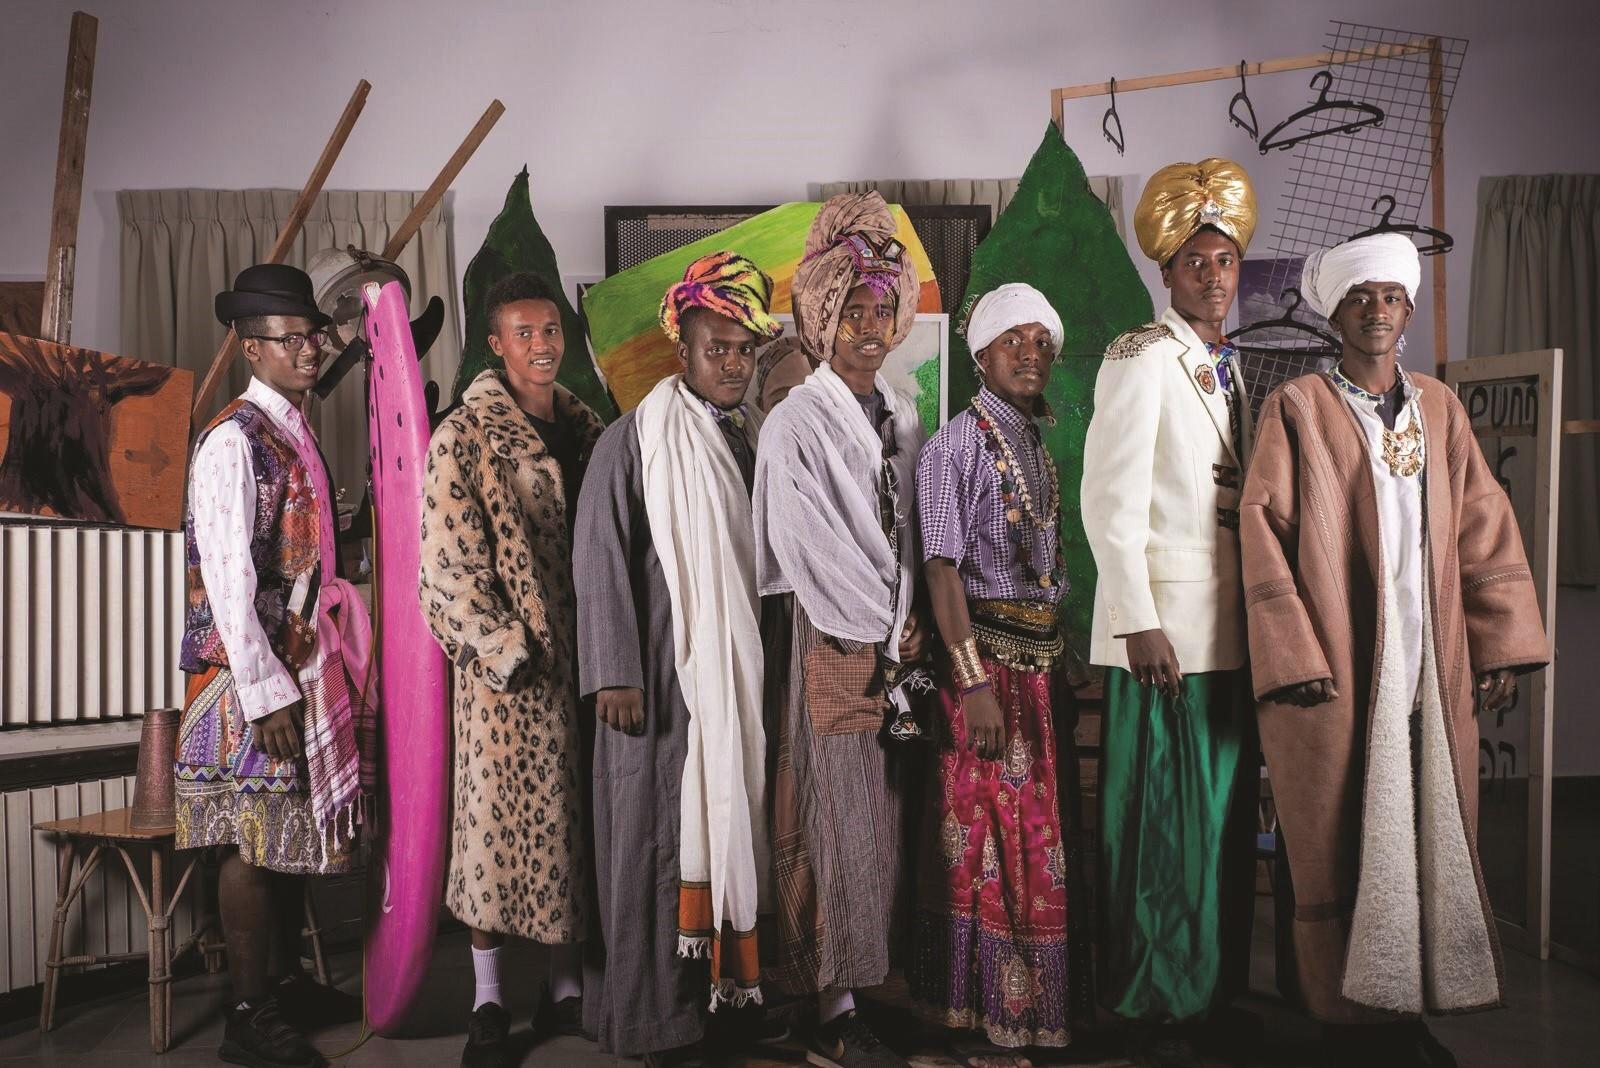 גברים ממוצא אתיופי בתלבושת מסורתית